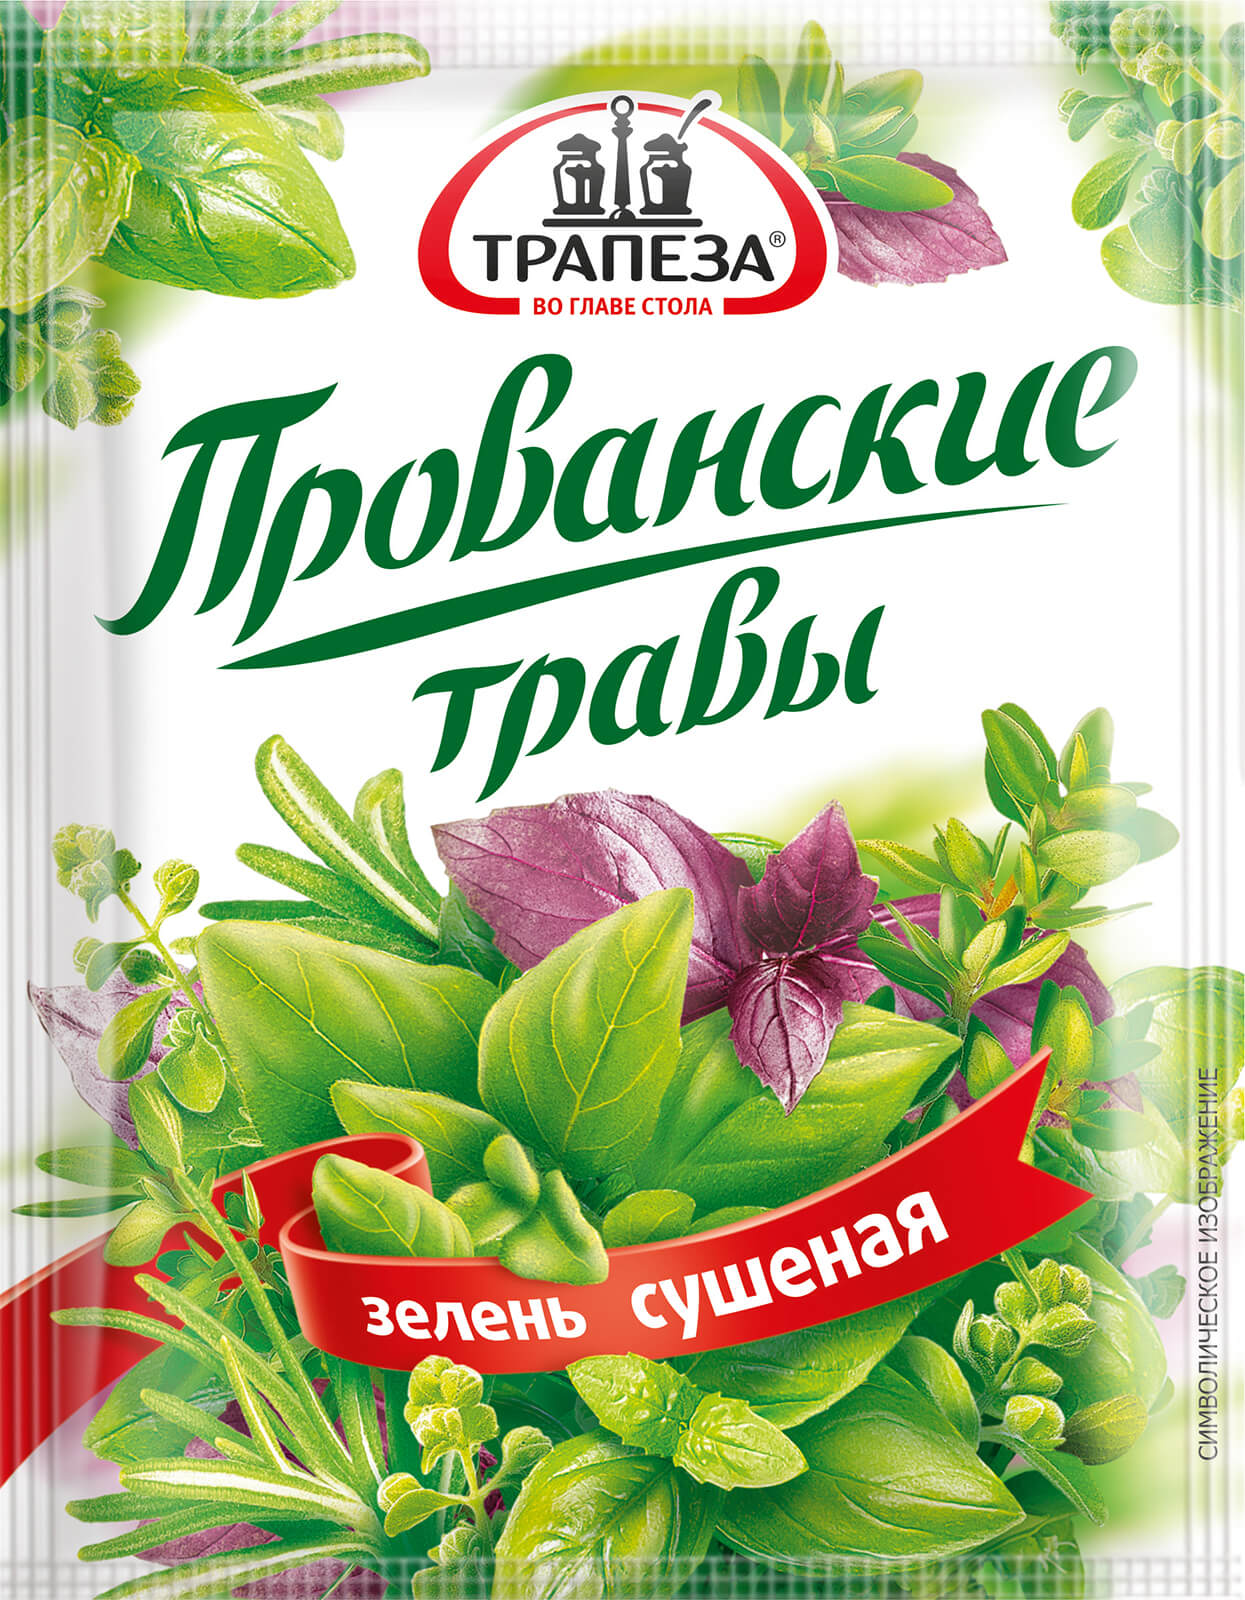 Прованские травы зелень сушеная Трапеза 7г.